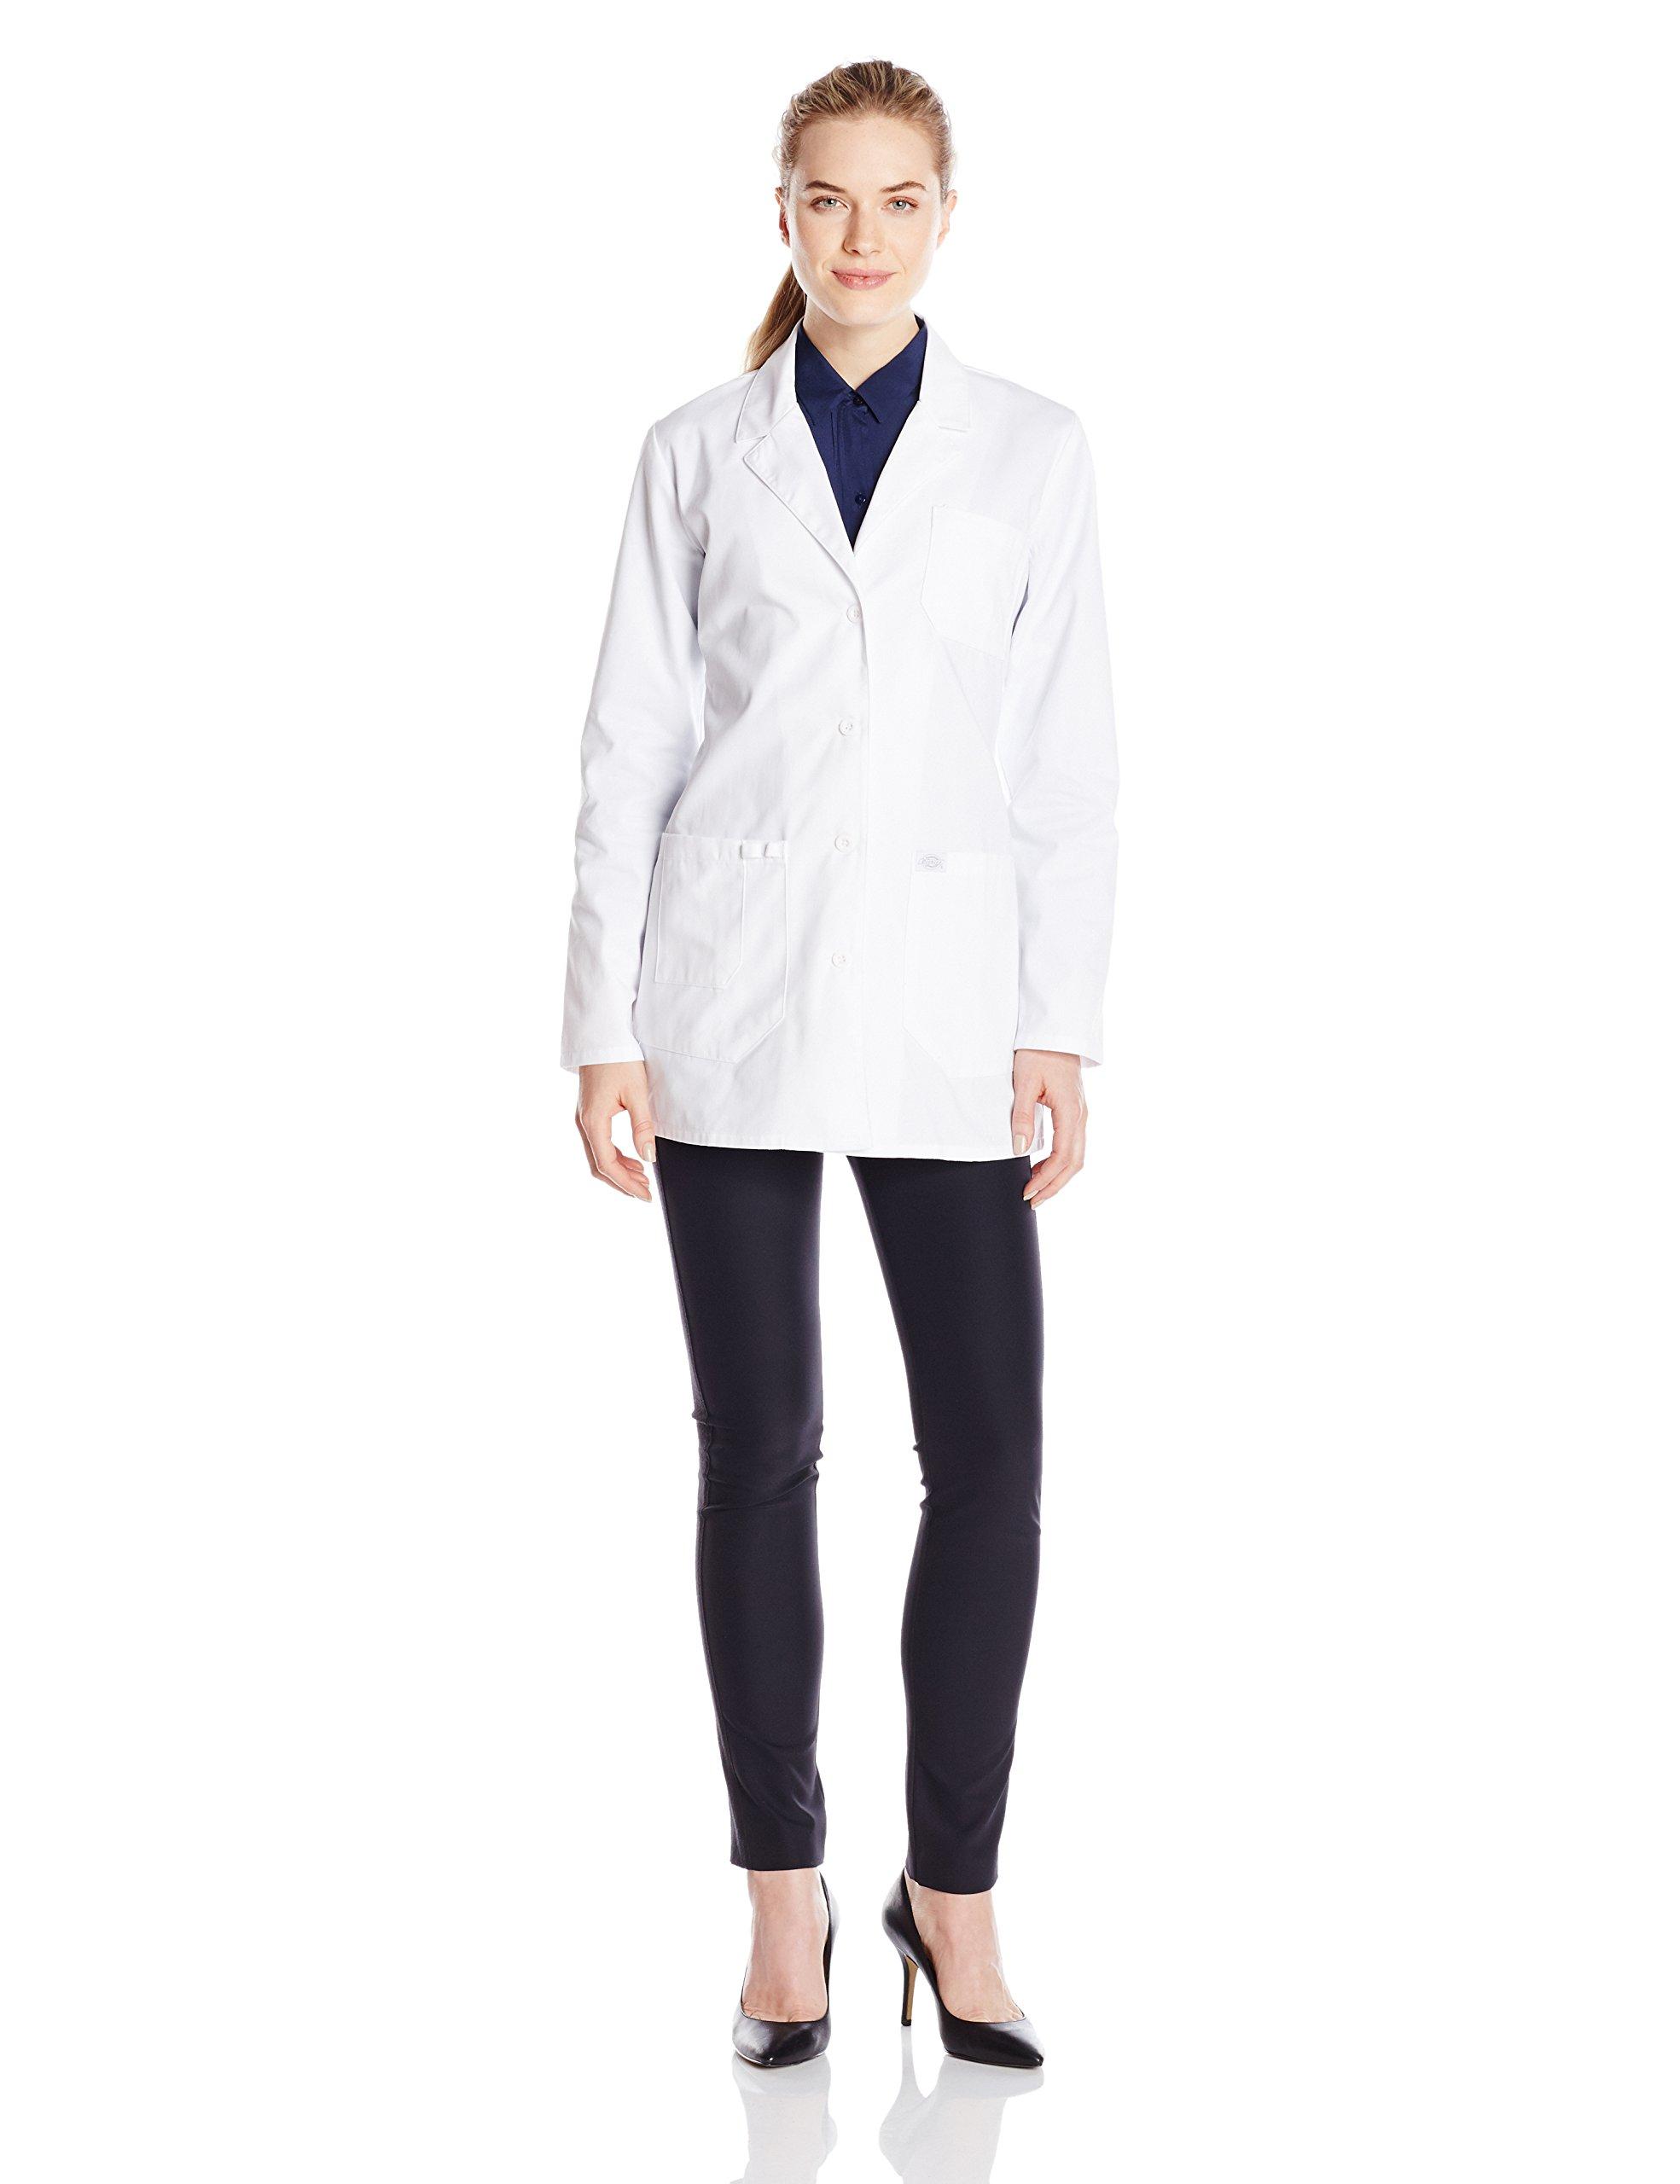 Dickies Women's 30 inch Lab Coat, White, 8